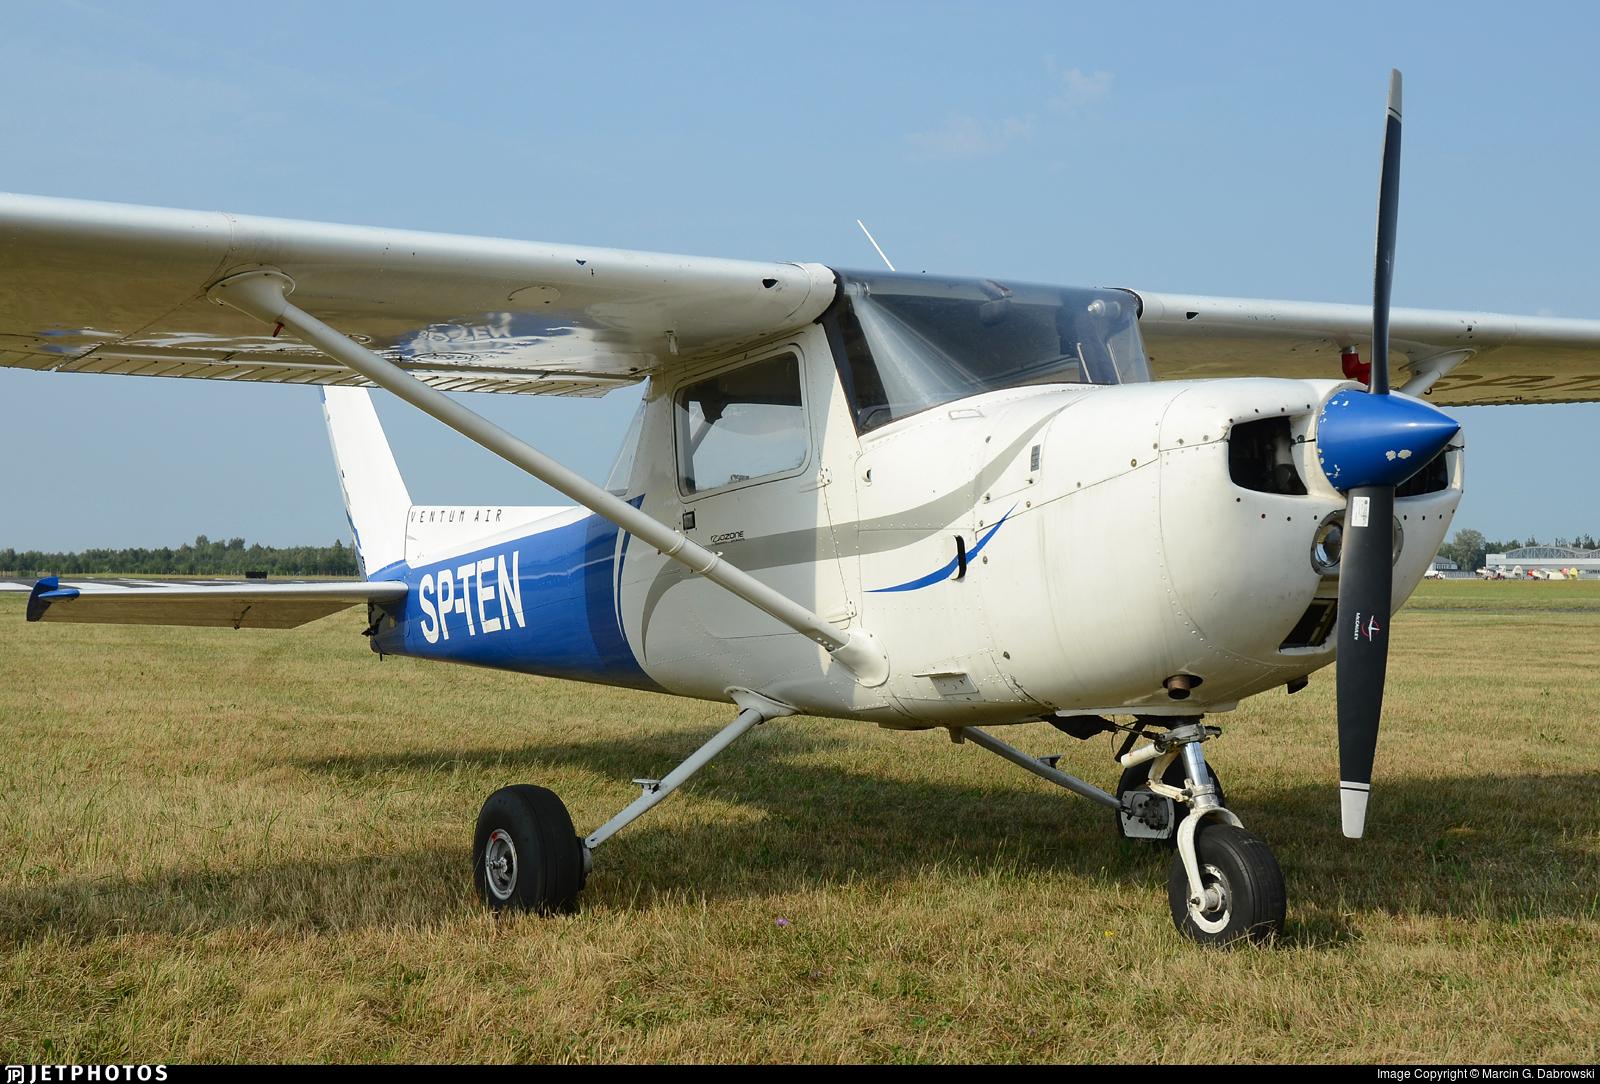 SP-TEN - Cessna 150L - Private